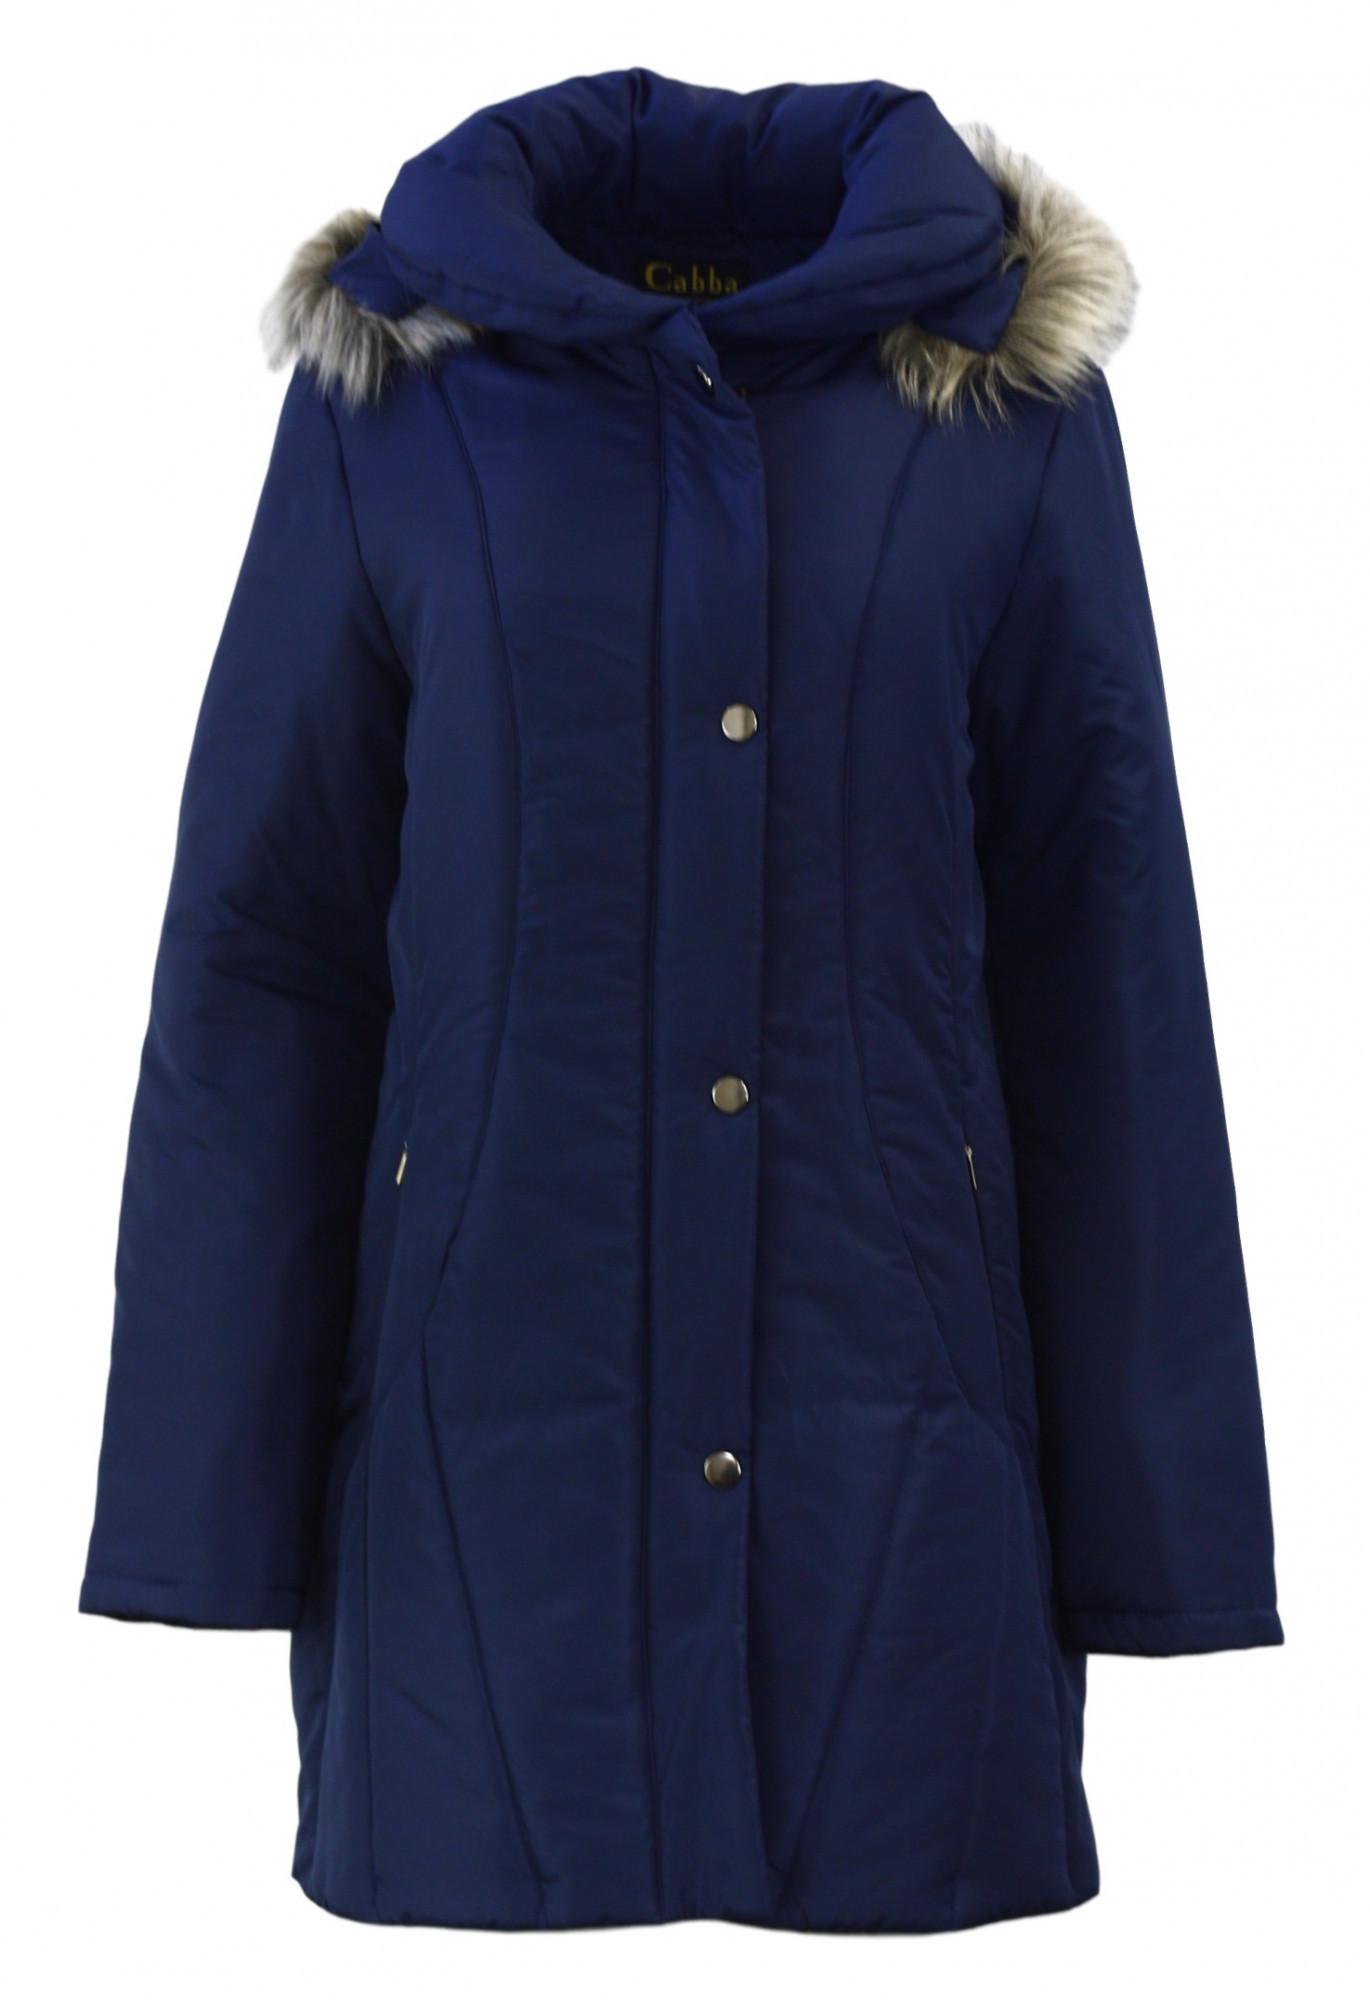 Dámská zimní bunda 63553 - Cabba Barva: modrá, Velikost: 52